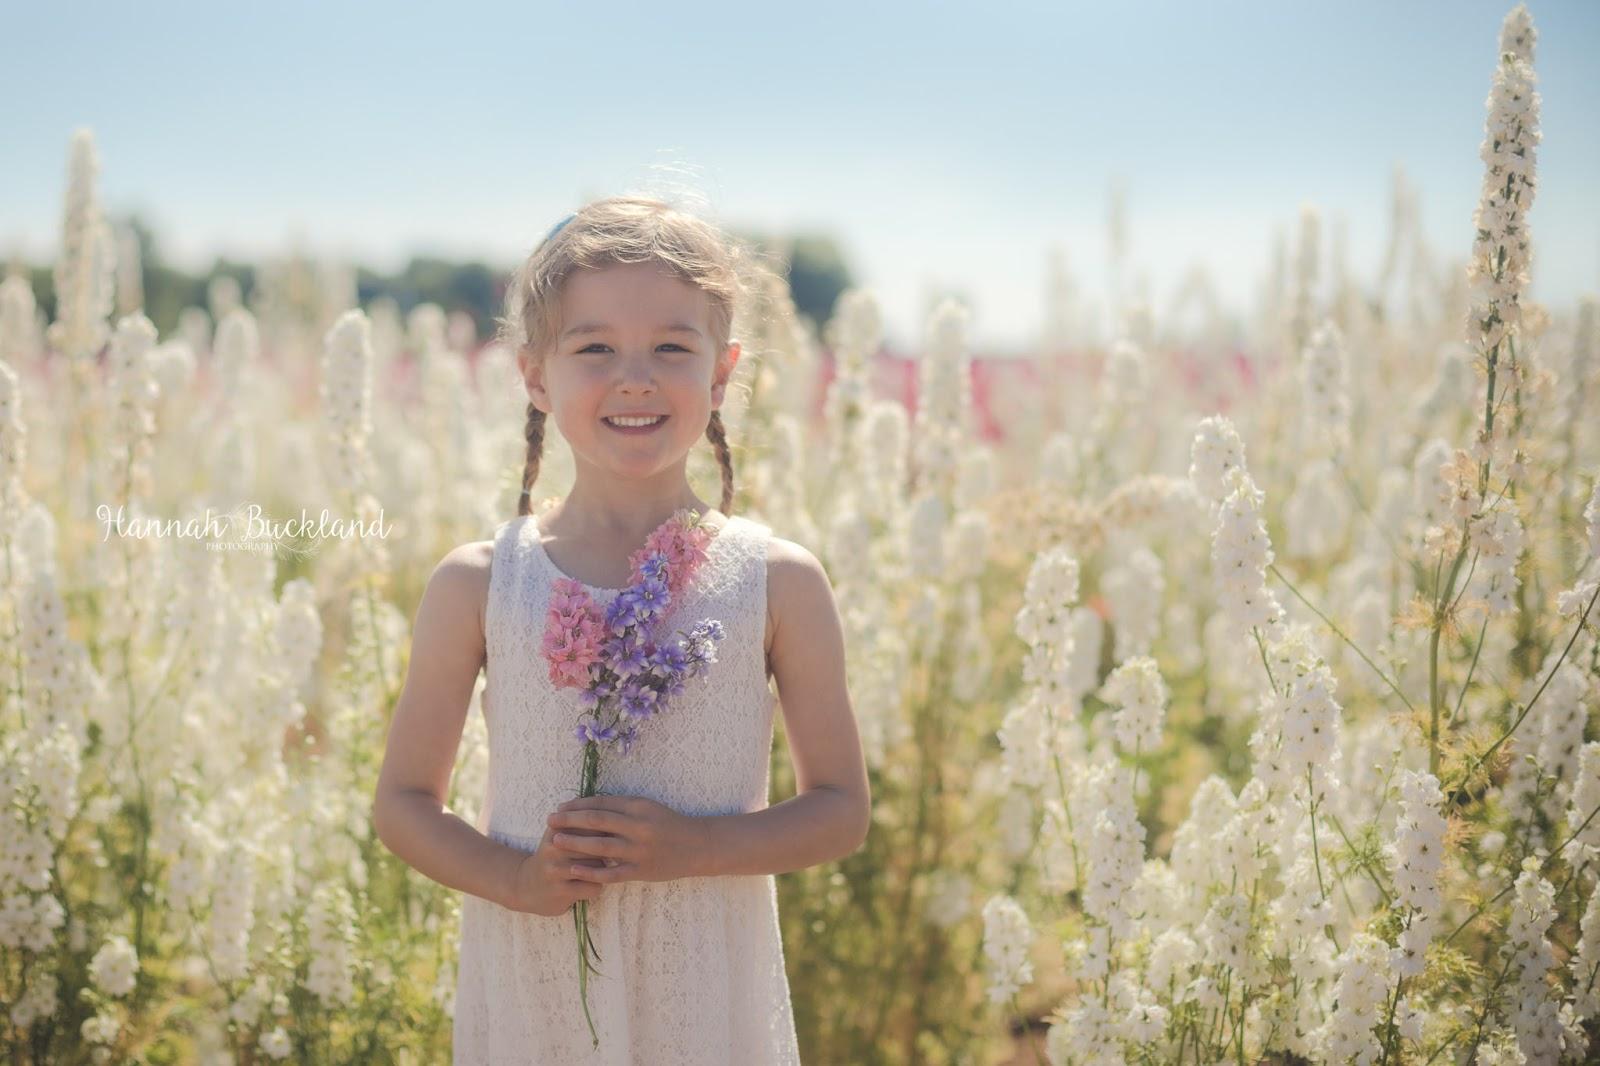 Ngỡ ngàng vẻ đẹp thiên đường hoa mùa hè chỉ mở cửa 7 ngày mỗi năm - 10